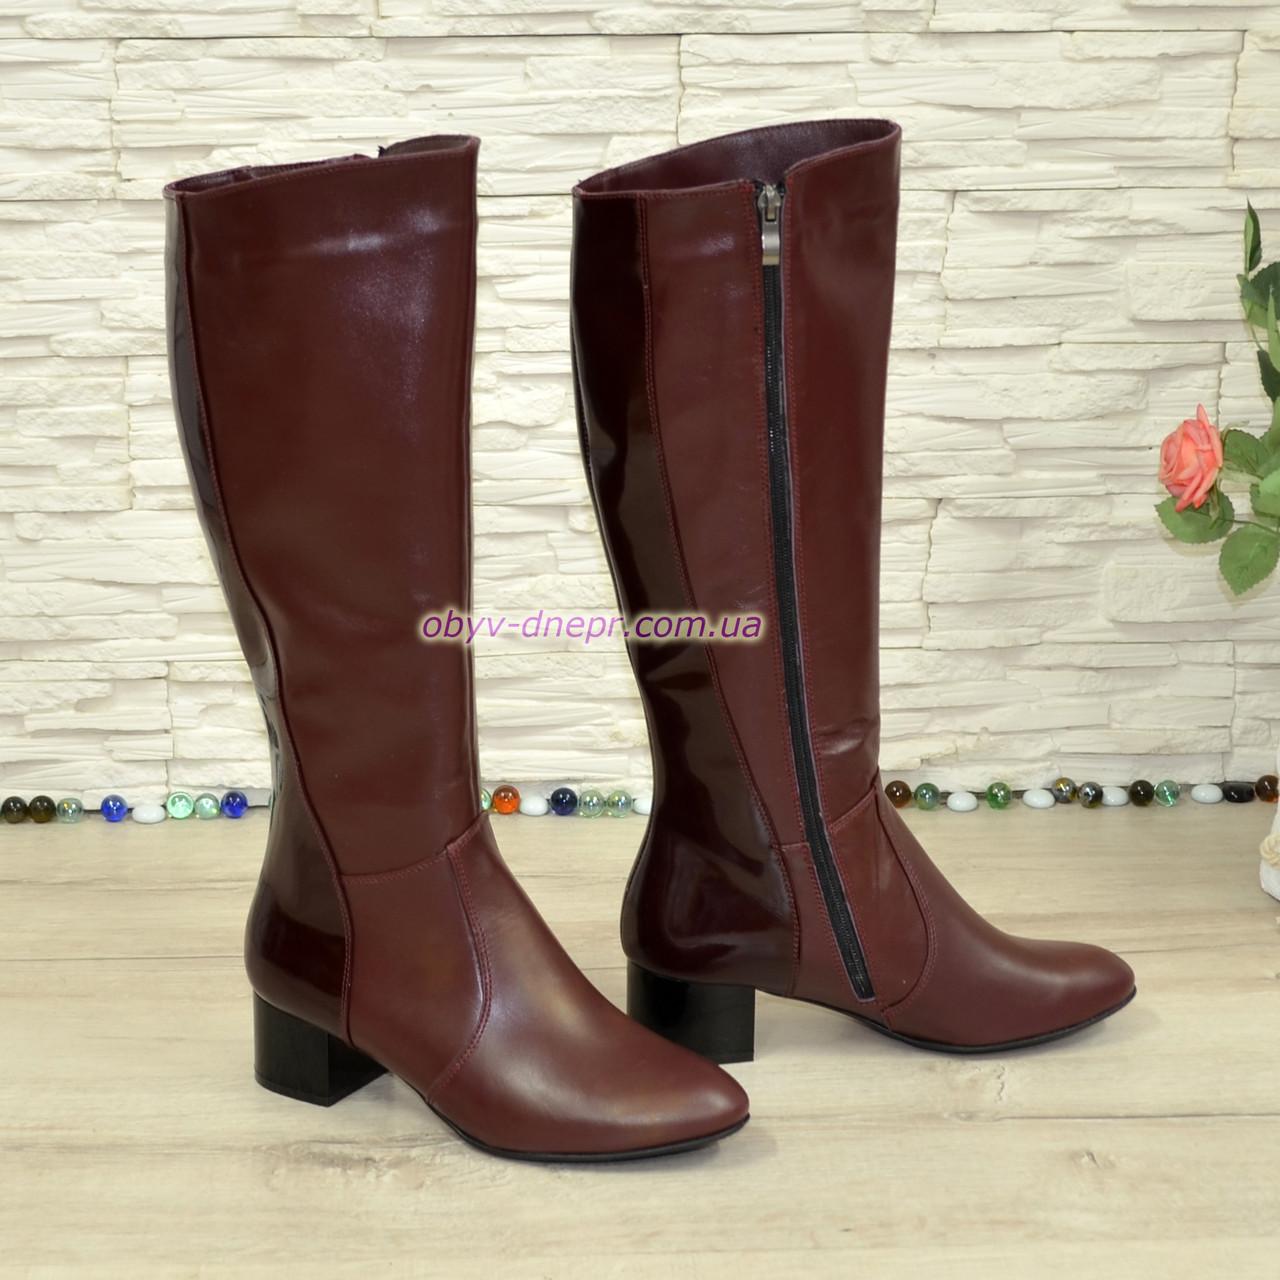 Сапоги зимние кожаные на невысоком каблуке, декорированы вставками из лаковой кожи. 38 размер